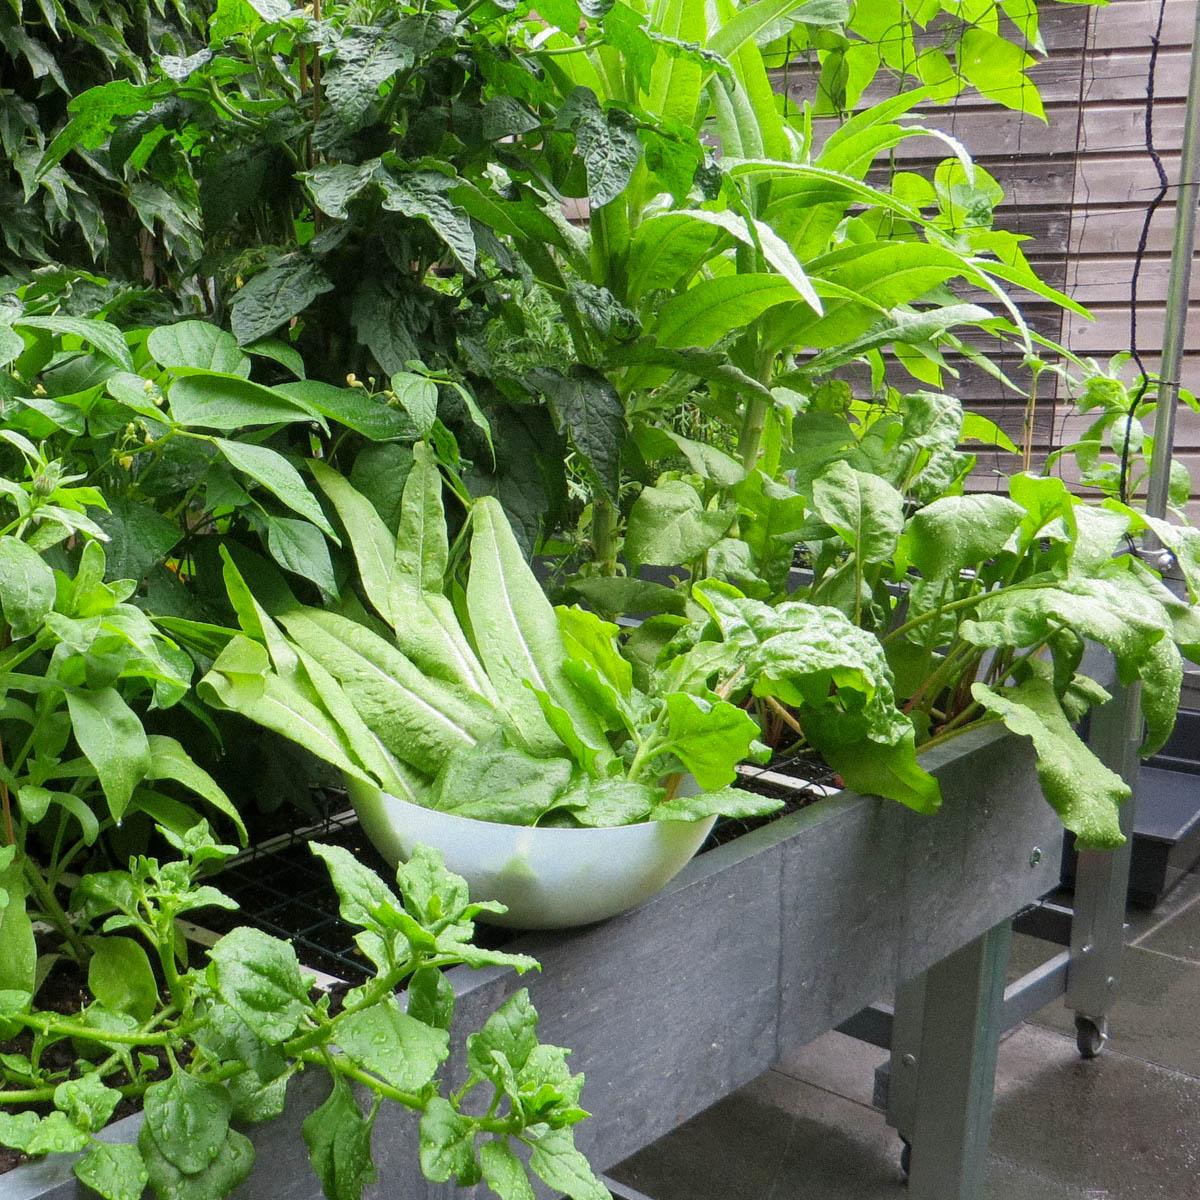 Stengelsla en andere groentes uit de Makkelijke Moestuinbak